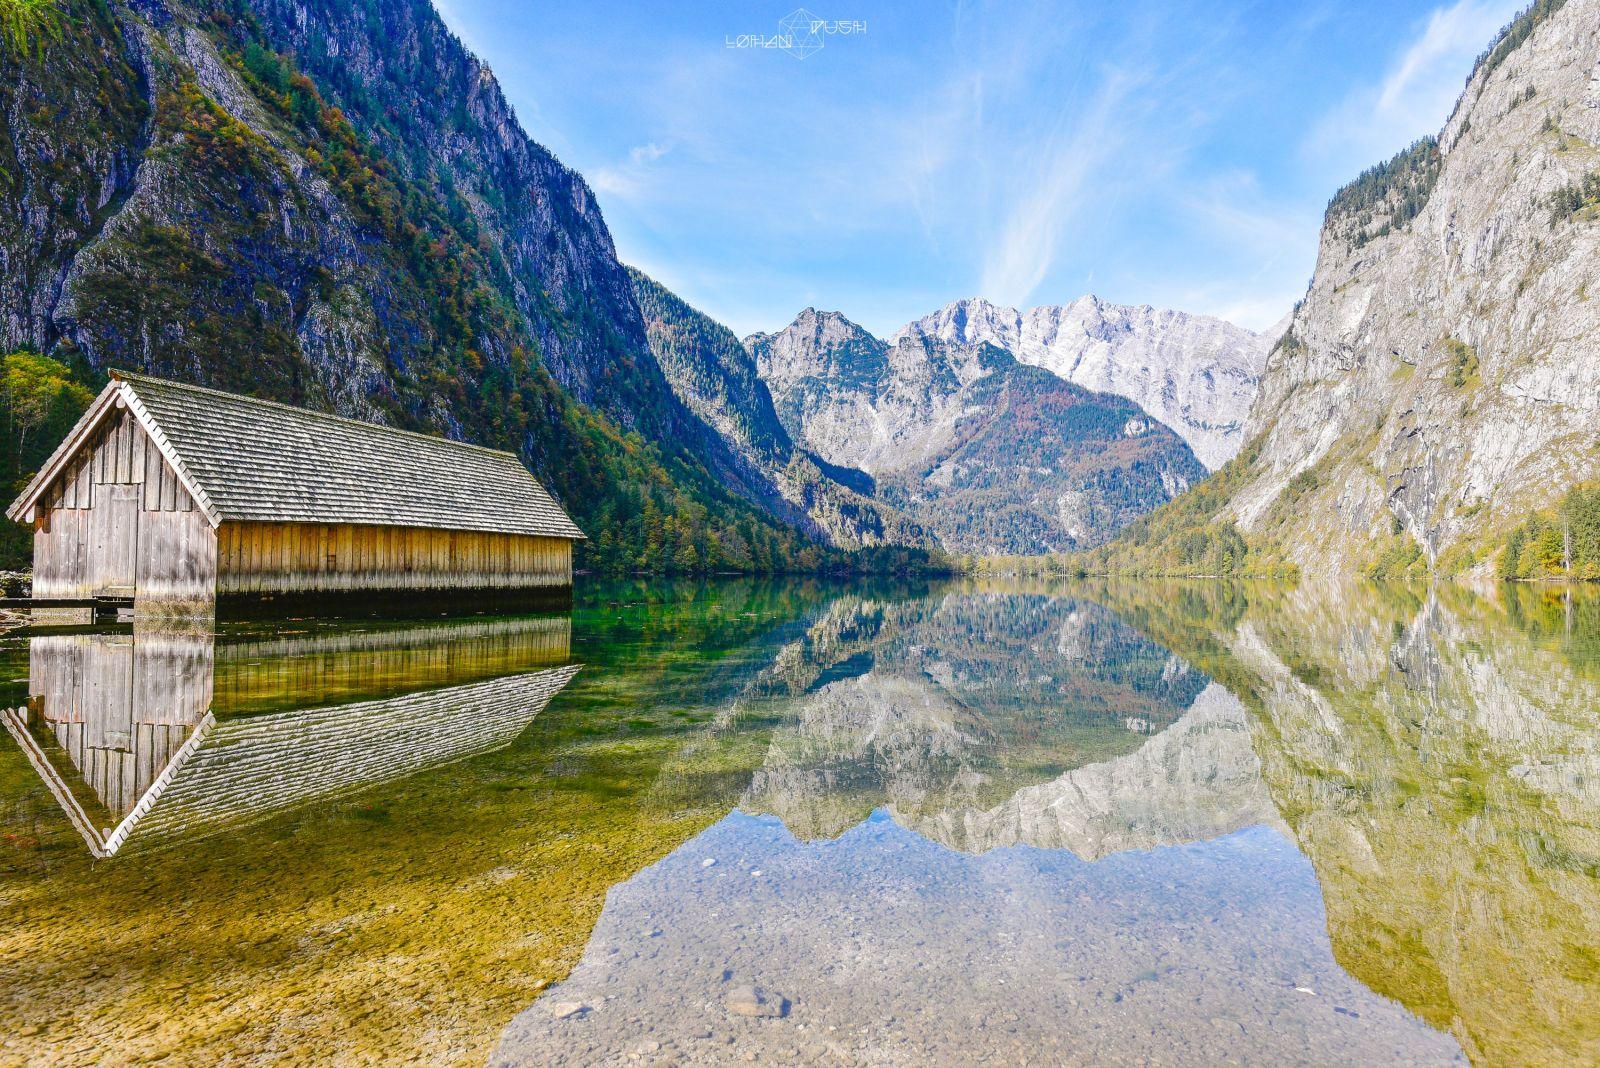 【德國自由行】國王湖königssee景點-健行到上湖沉醉在絕美的湖光山色(含2019年遊湖及船班資訊) – 老漢推一把